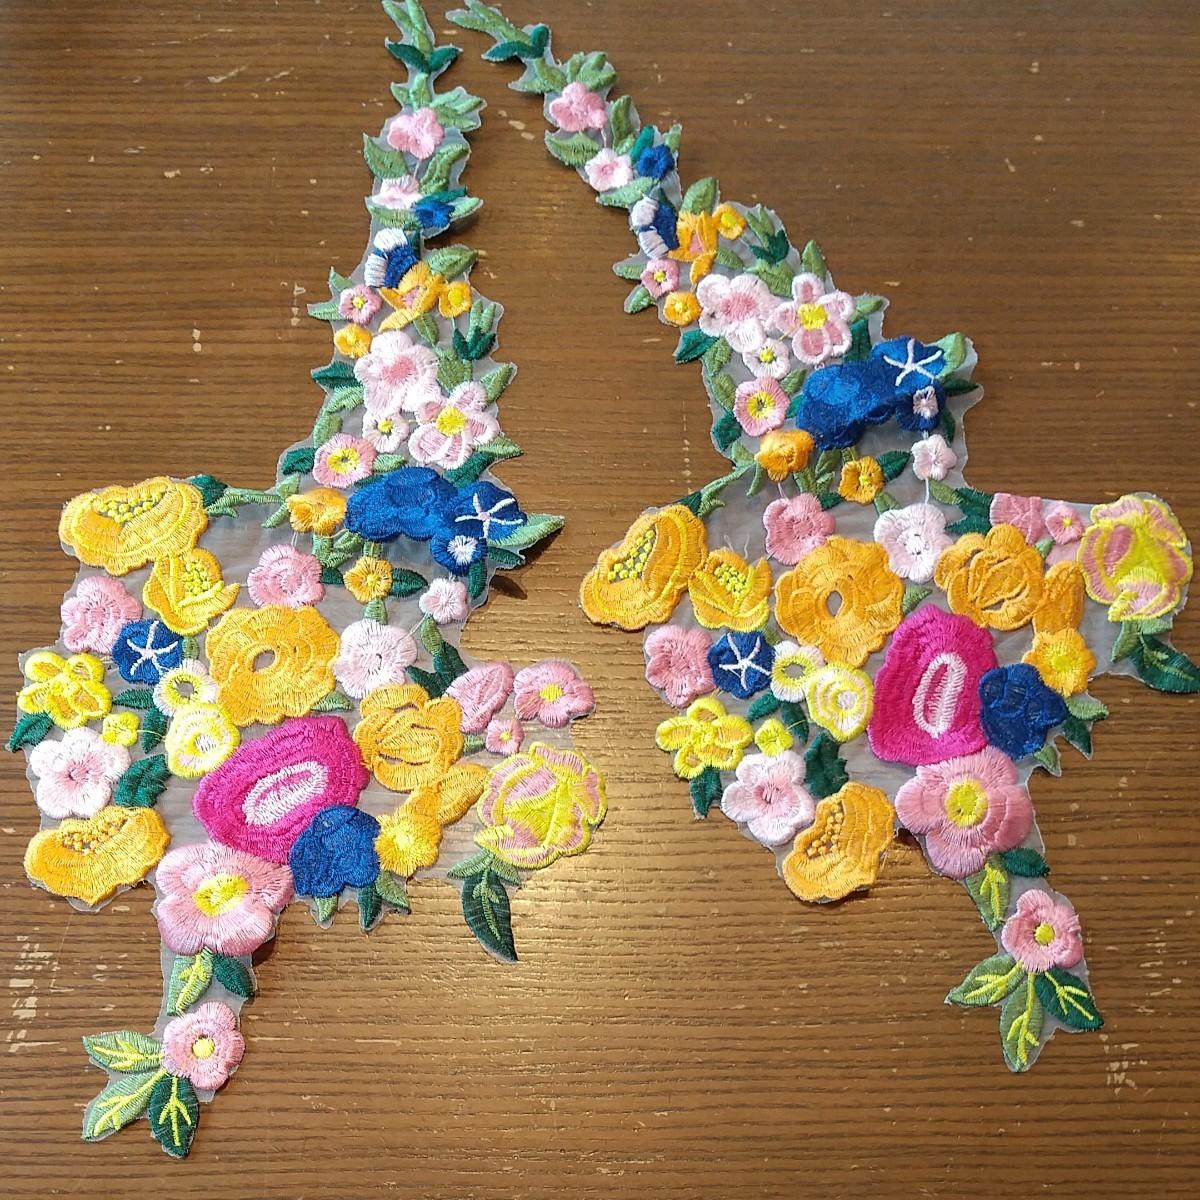 刺繍 ハンドメイド 花モチーフ お花